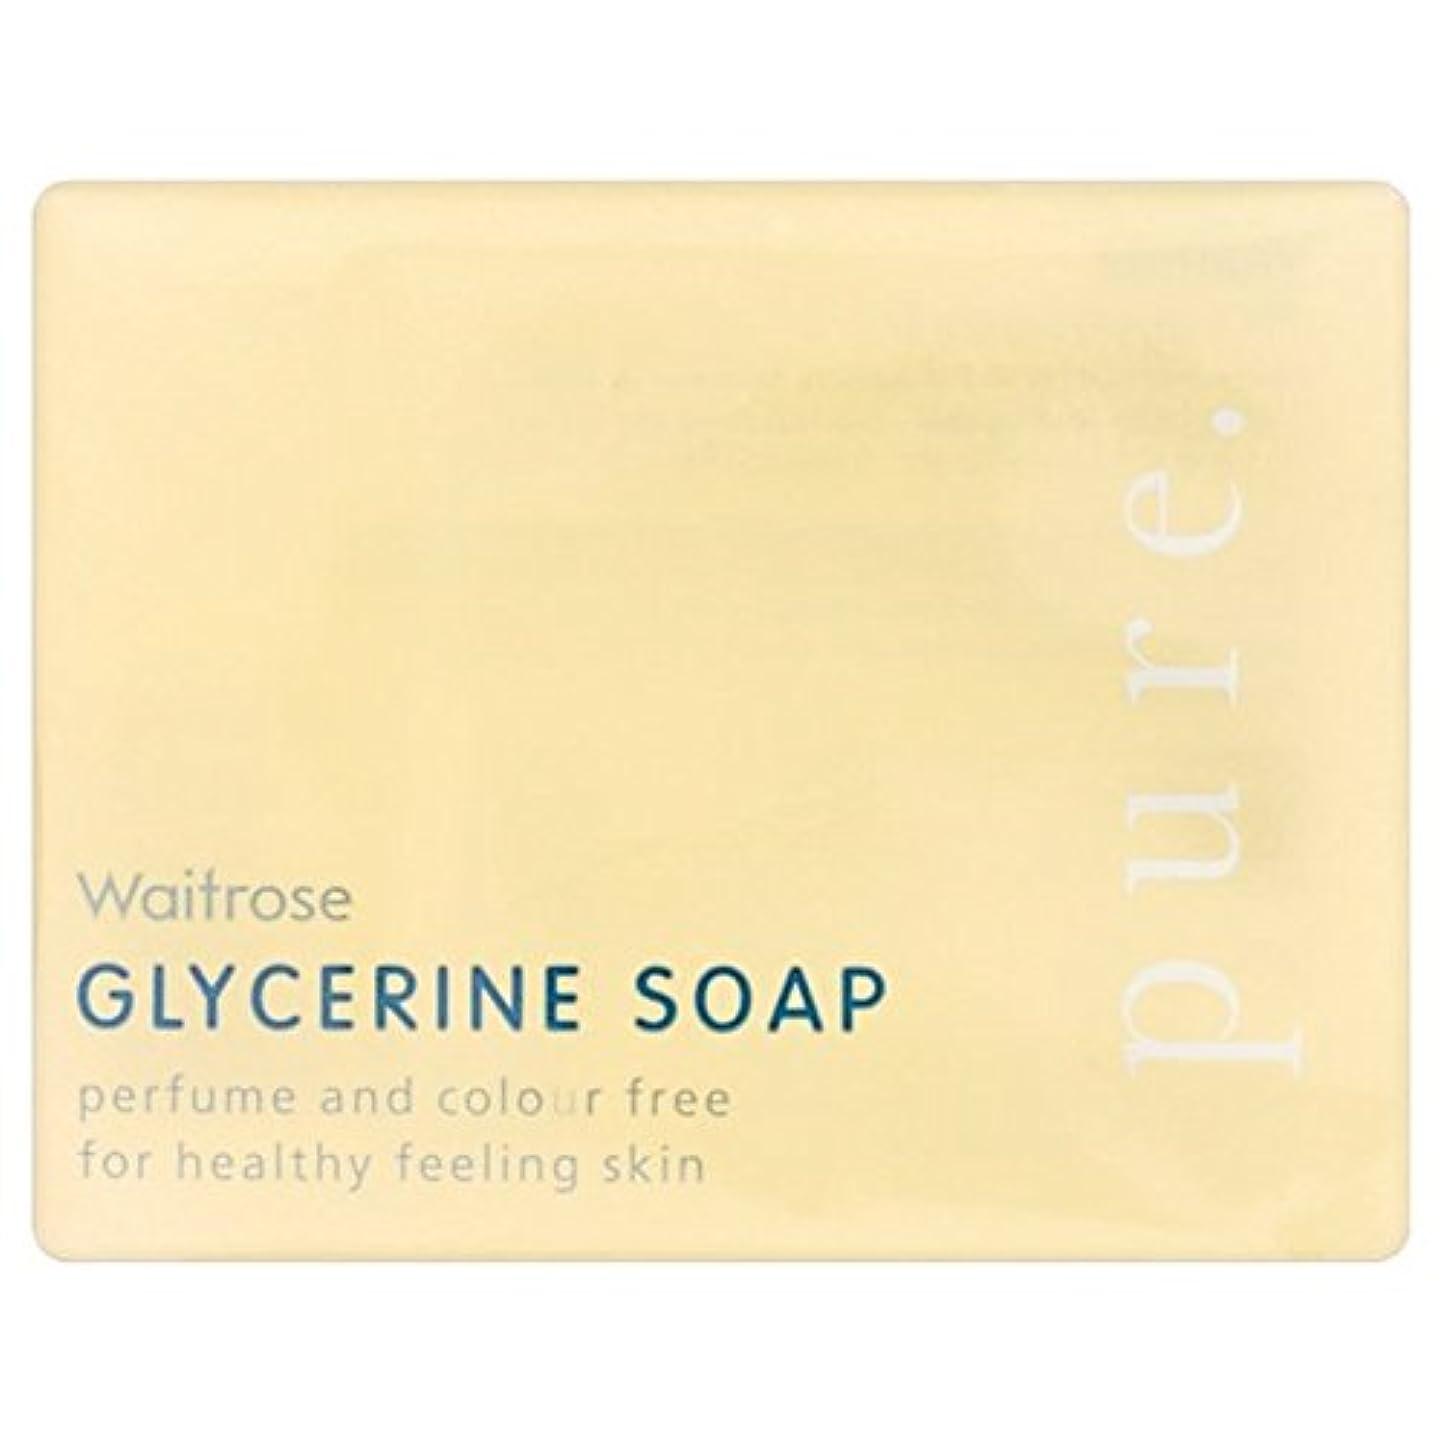 クルーズ炭素評価可能純粋なグリセリンソープウェイトローズの100グラム x2 - Pure Glycerine Soap Waitrose 100g (Pack of 2) [並行輸入品]